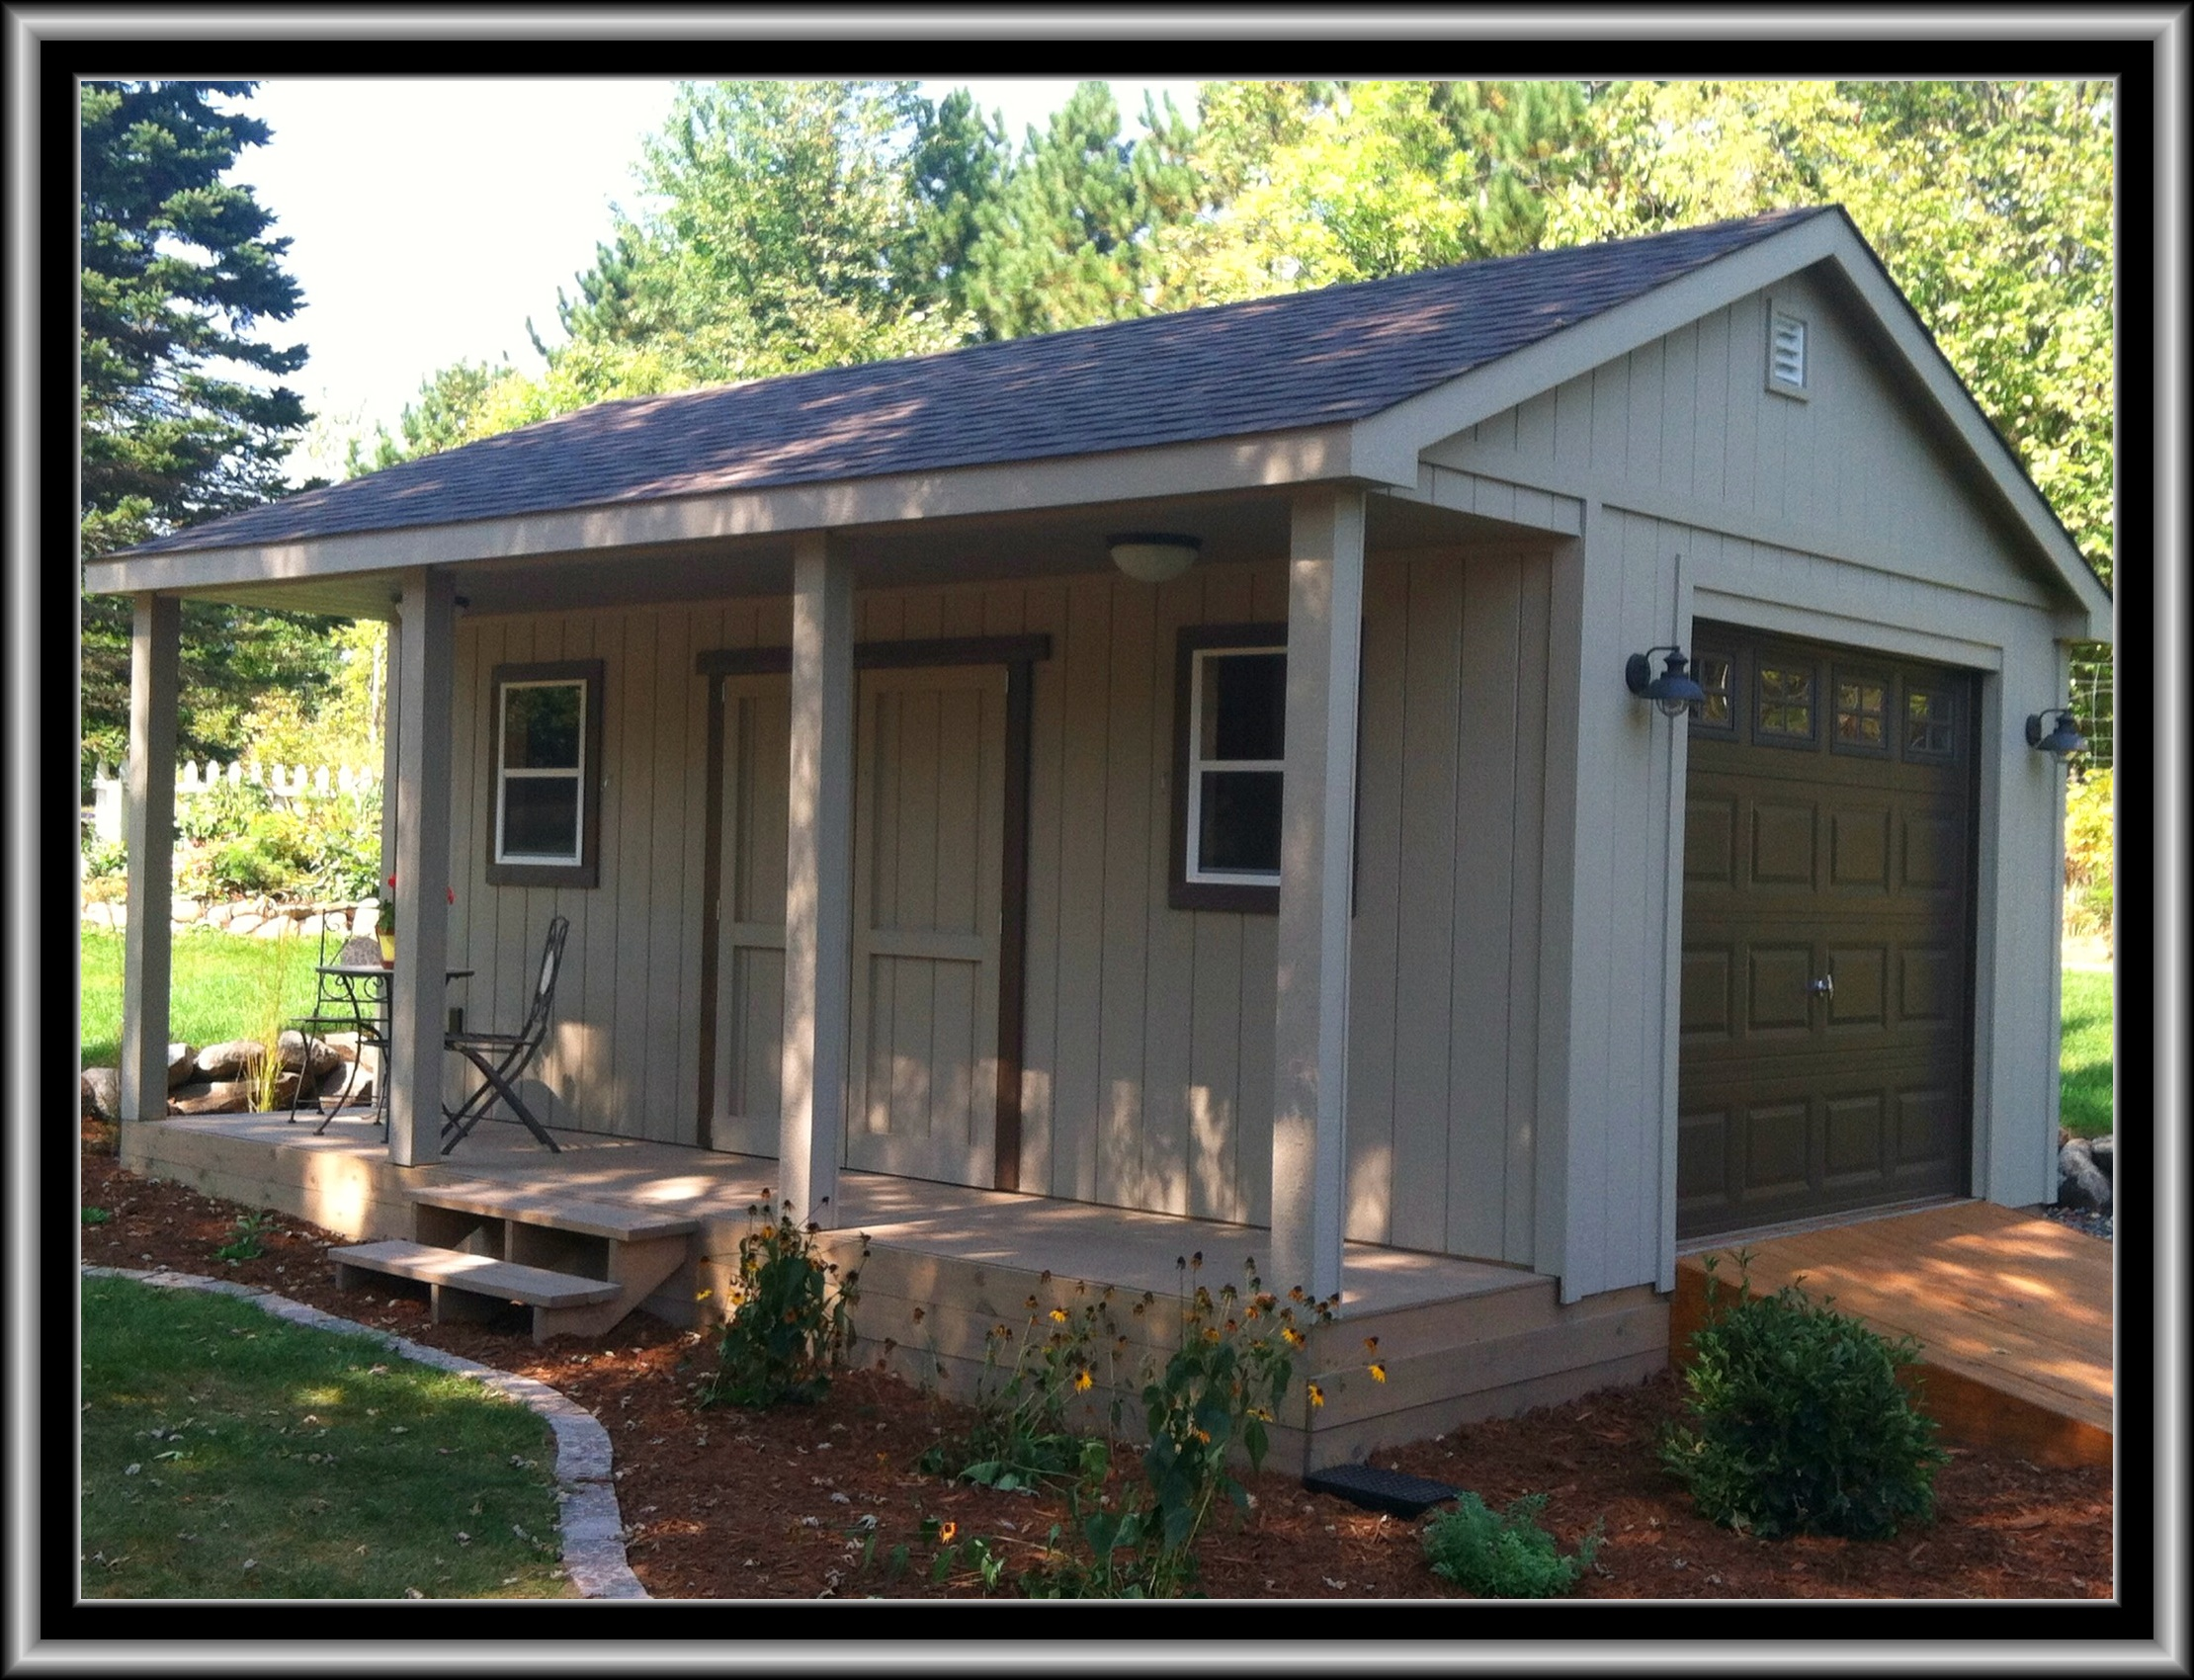 16x20 Garage w/ Porch